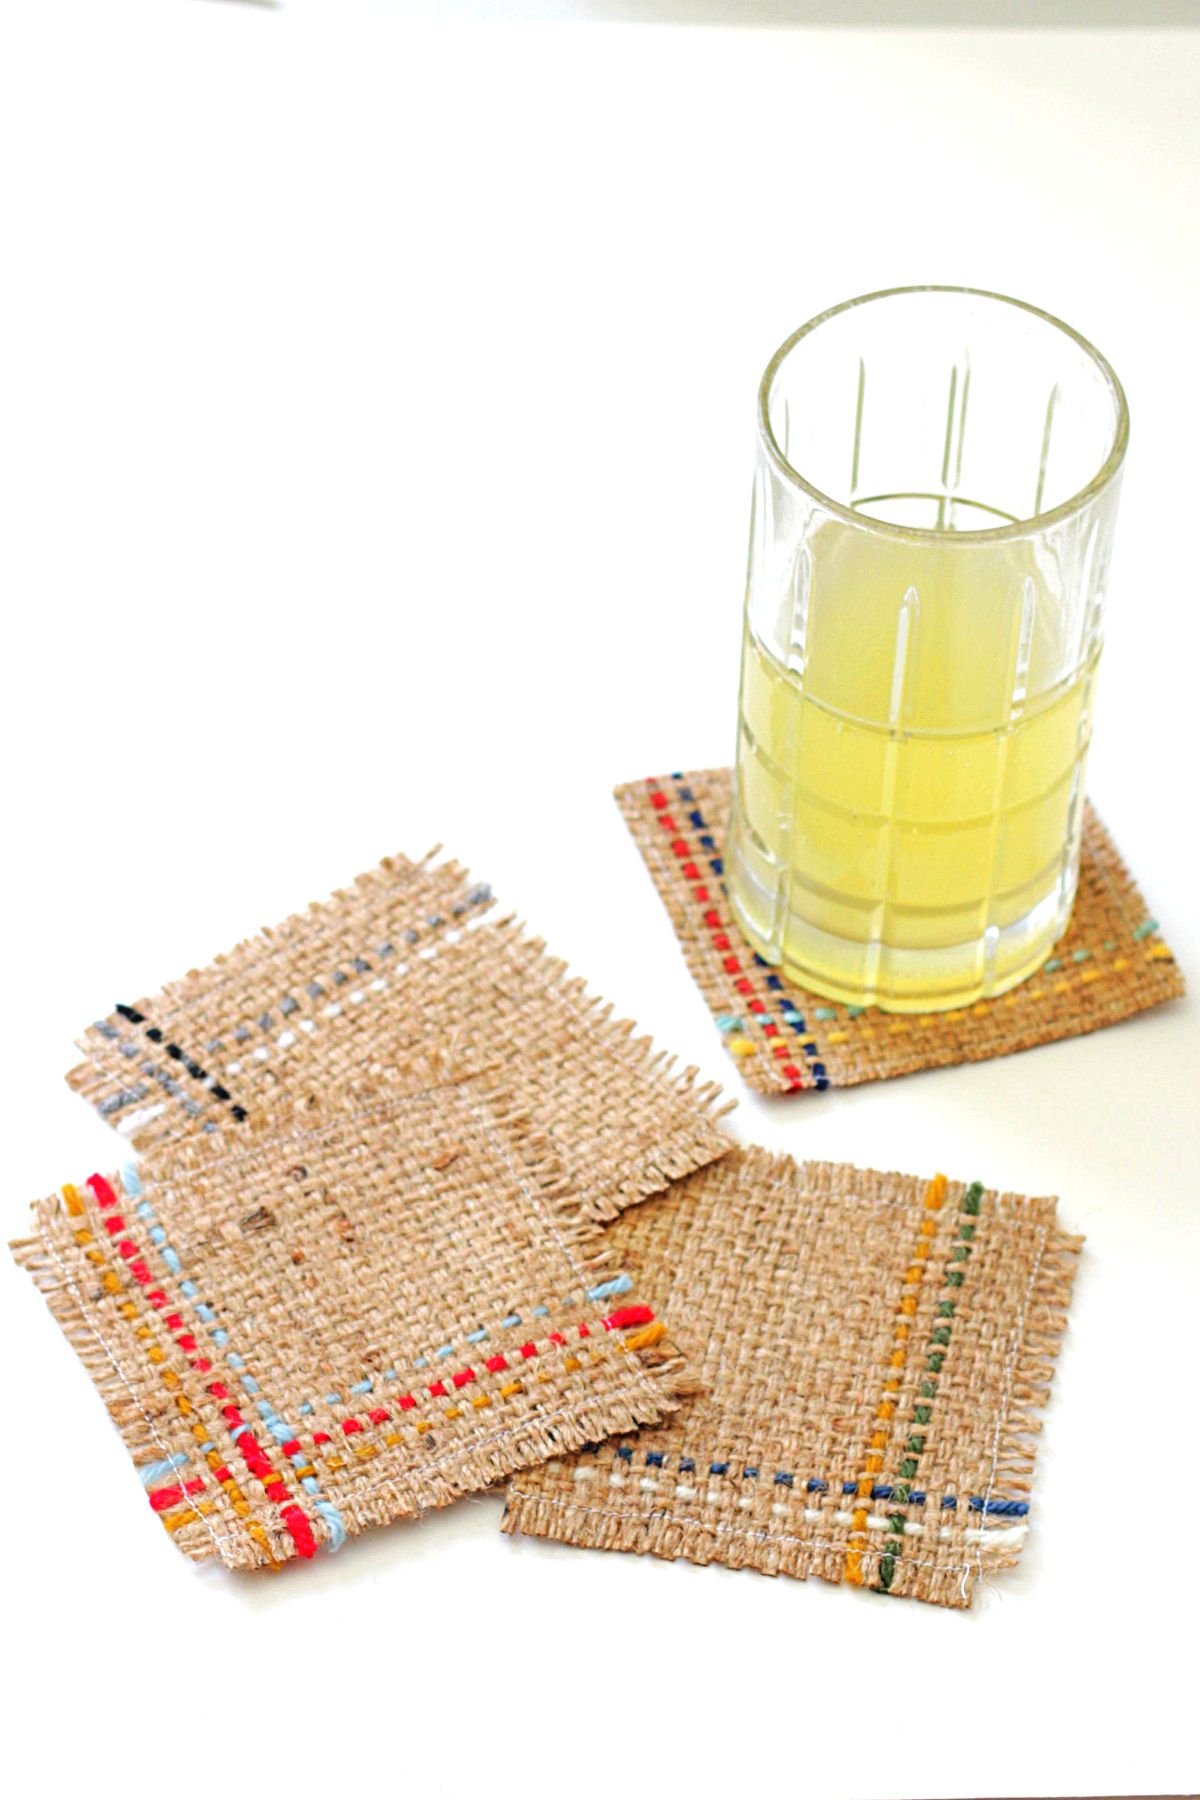 DIY burlap woven coasters